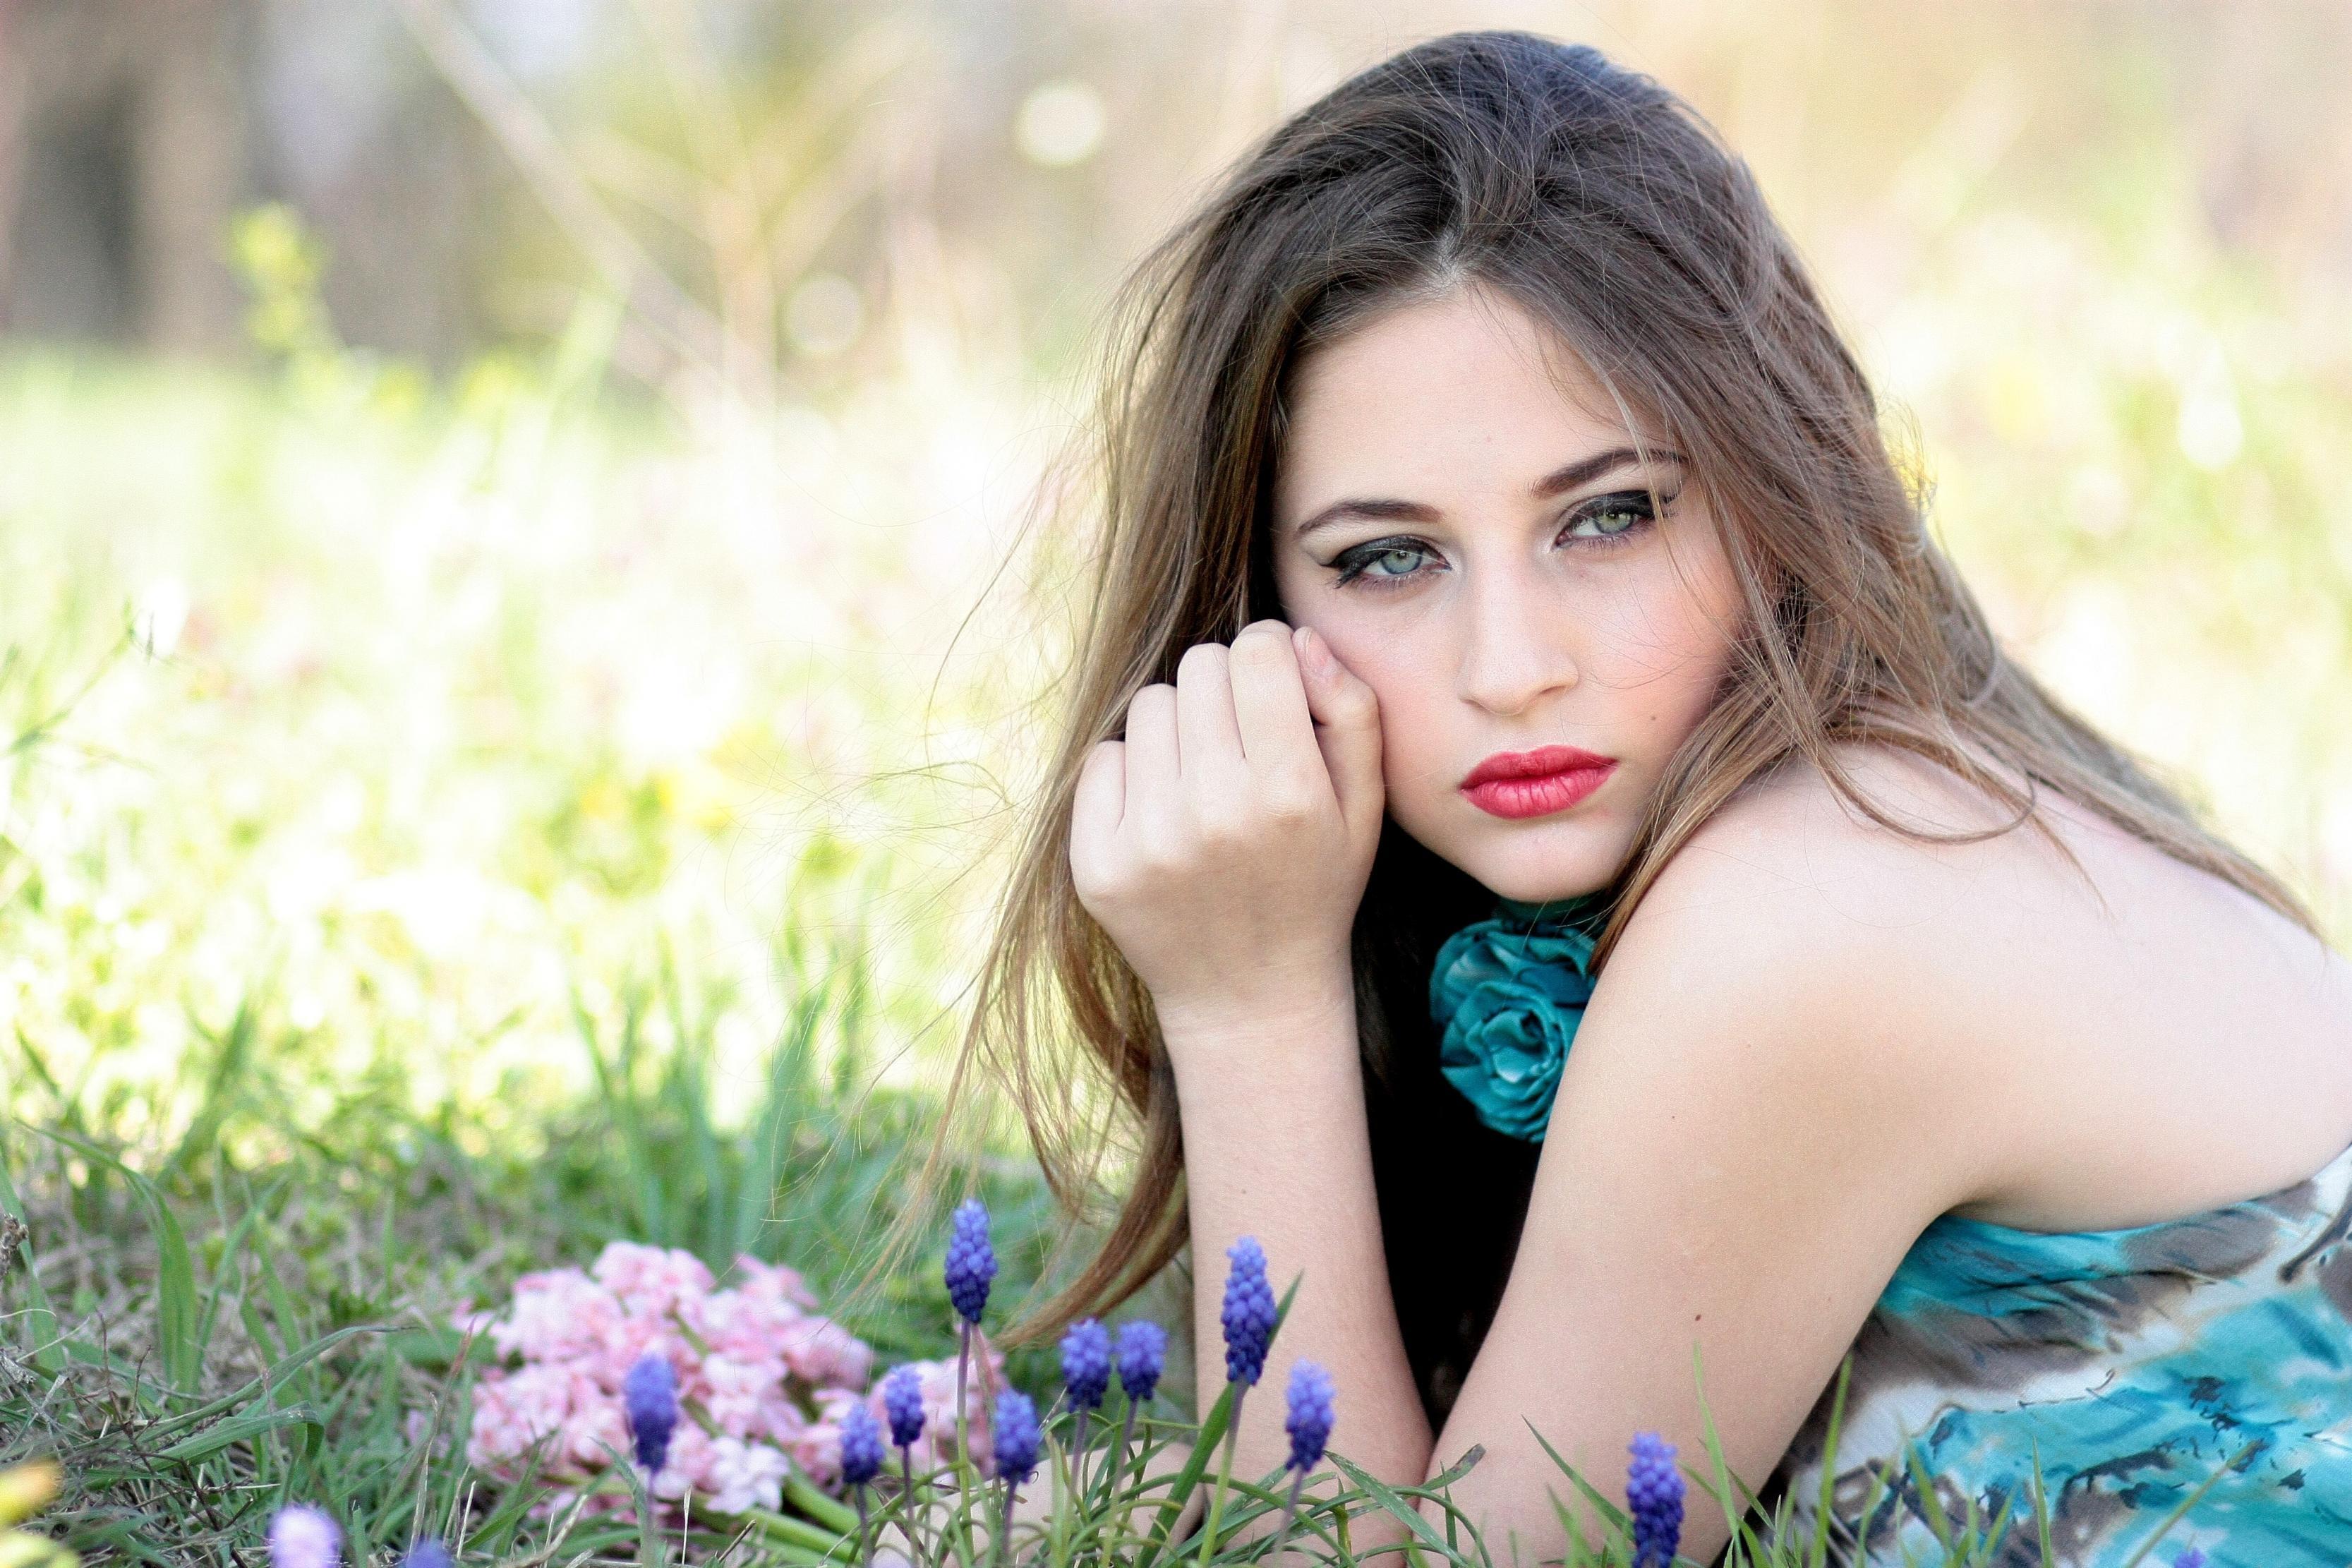 صورة اجمل الصور بنات في العالم , تعرف علي اجمل البنات في العالم